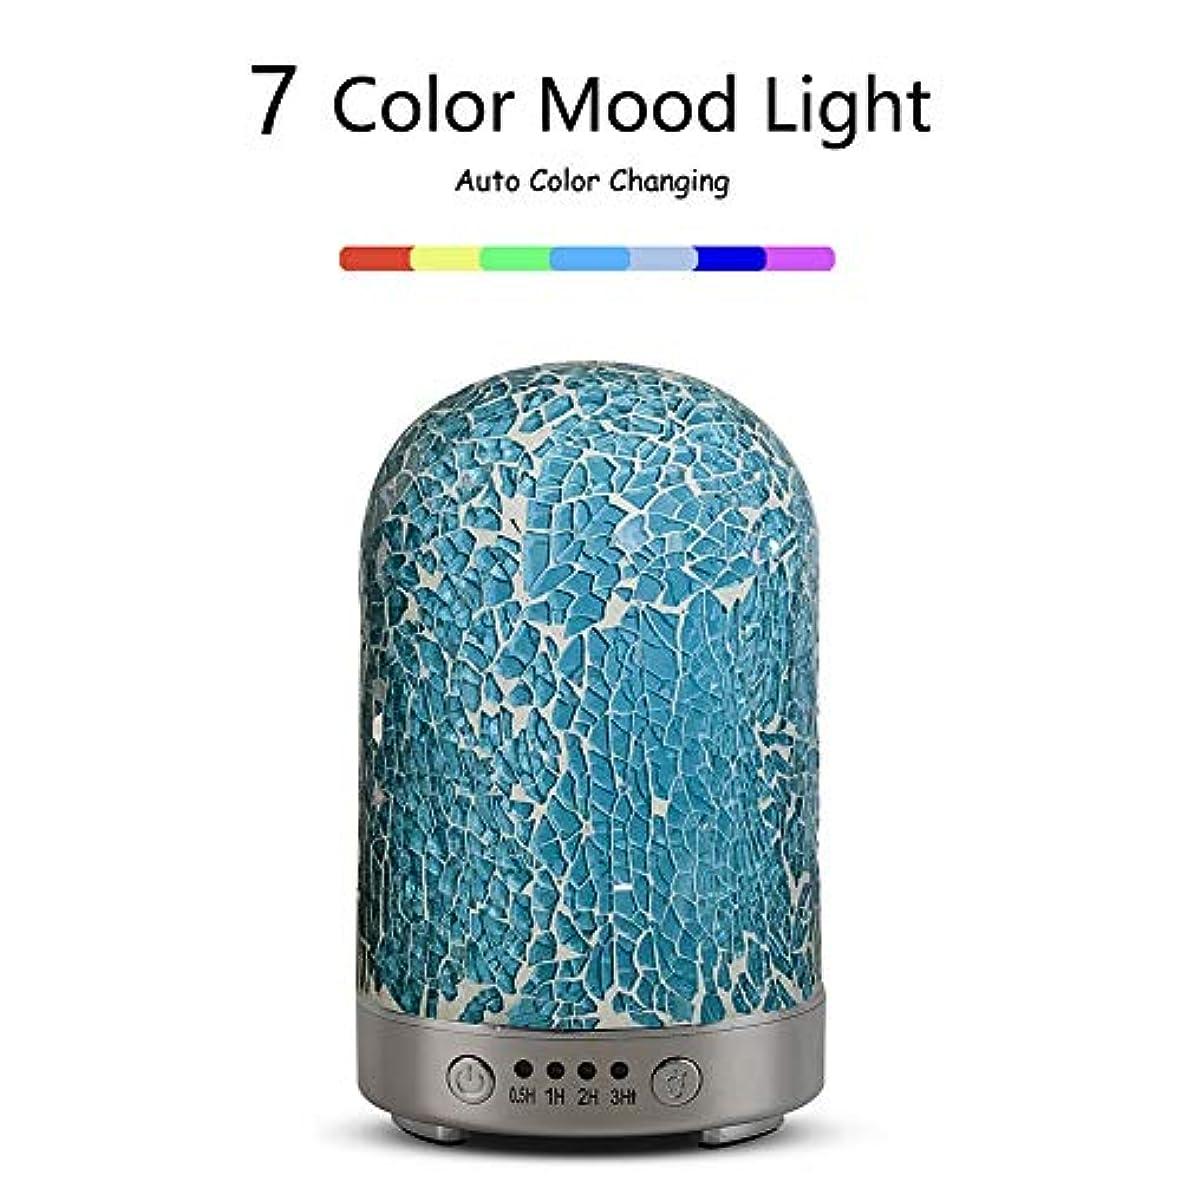 アロマセラピーエッセンシャルオイルディフューザーアロマ加湿器10 mlクラックモザイクガラスシェル7色LEDライトミュート自動ライト変更